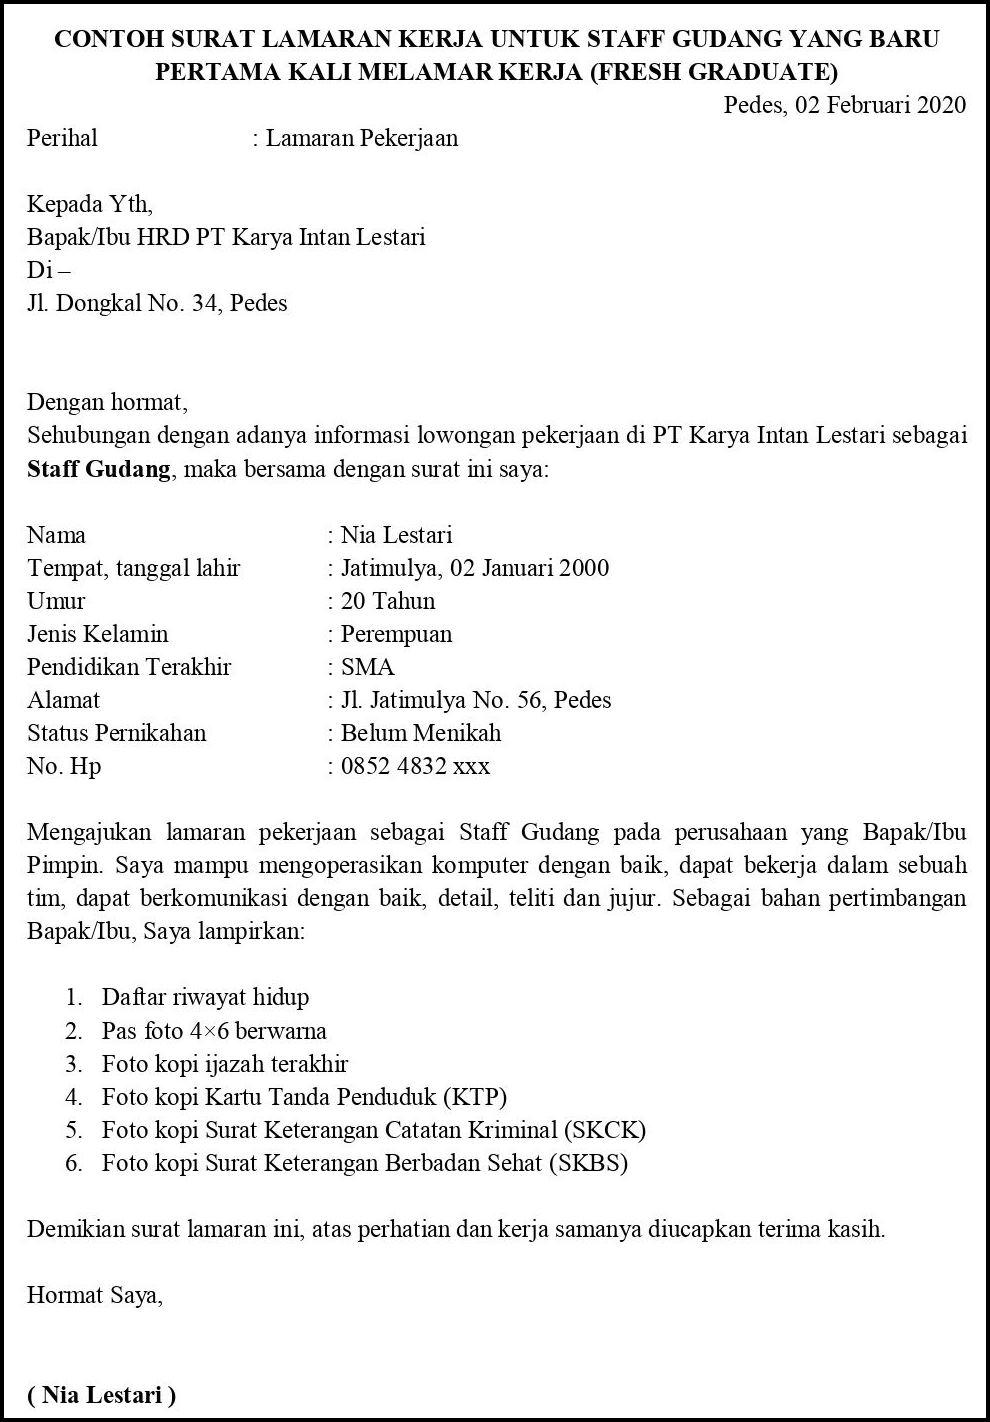 Contoh Surat Lamaran Pekerjaan Untuk Transportasi Dan Logistik Tanpa Koma